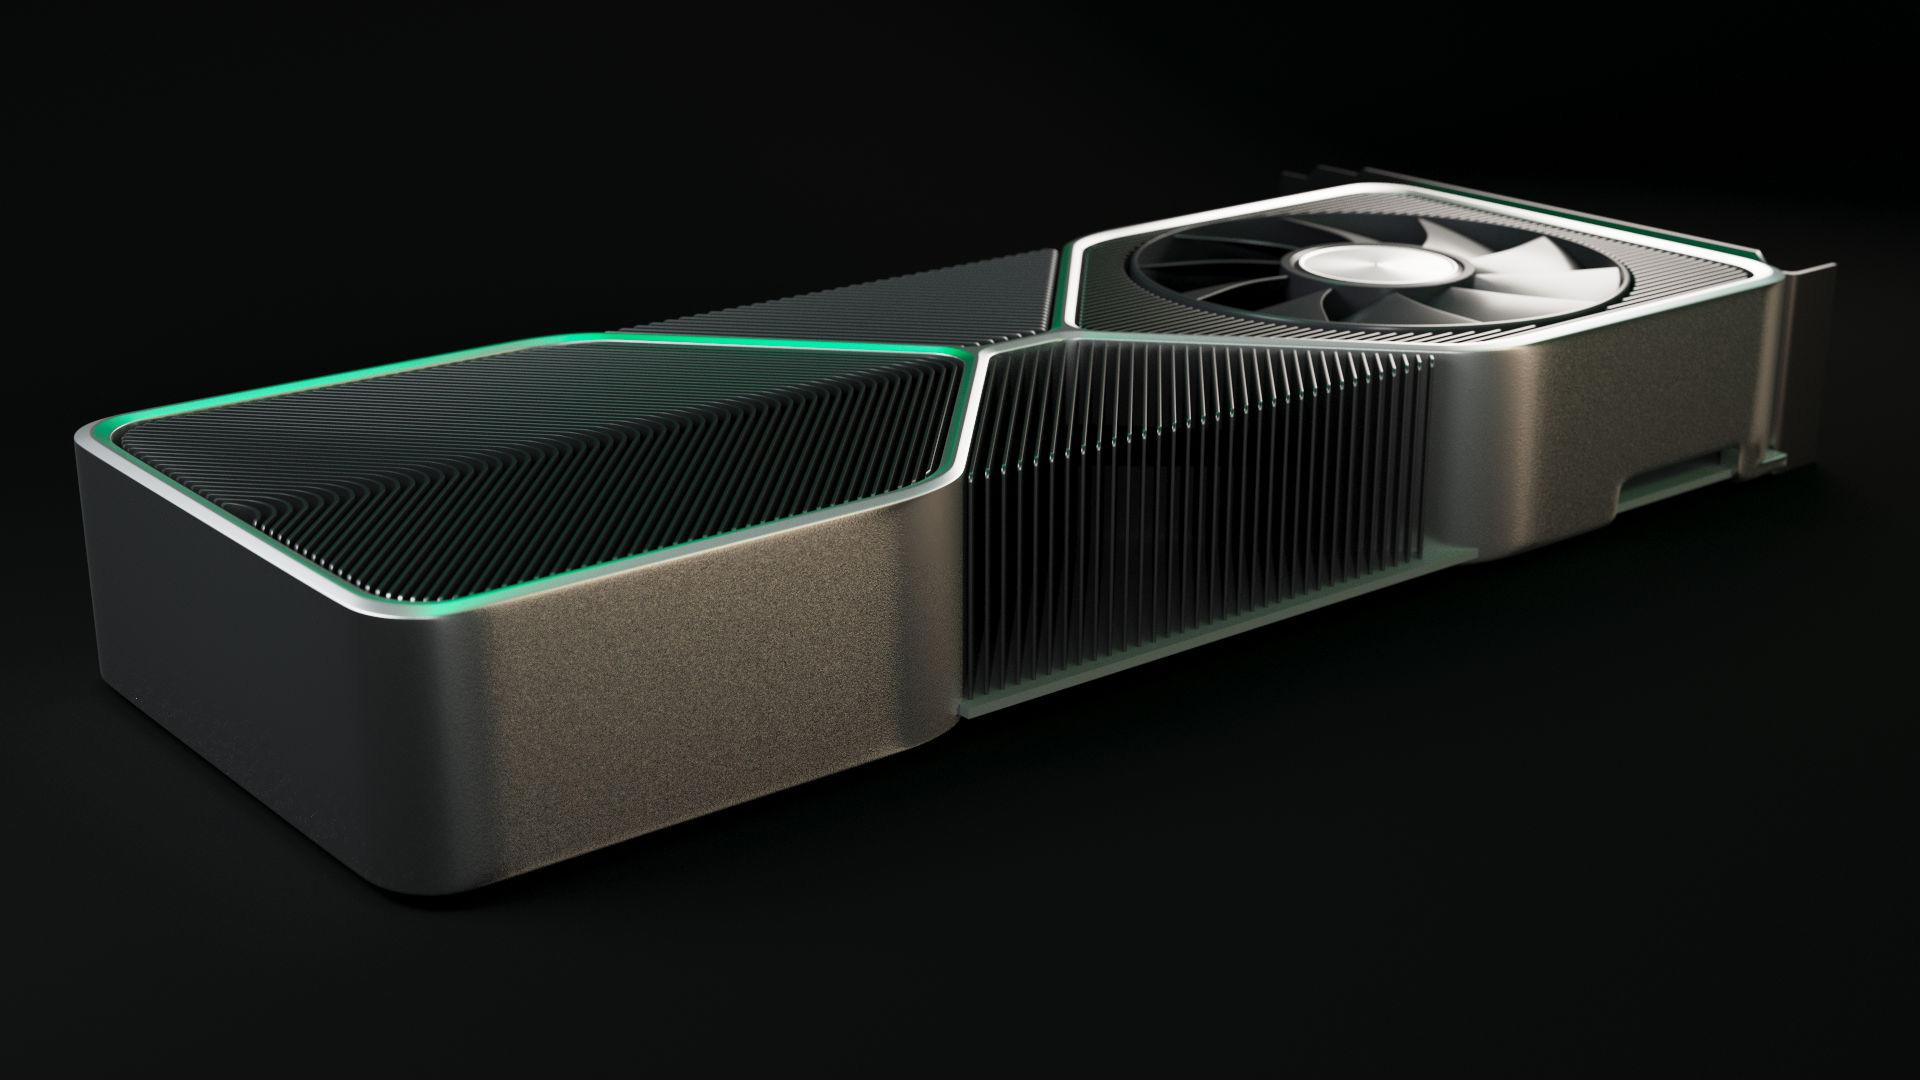 Nvidia GeForce RTX 3080 - berogailuaren argazki berri batek hozte sistemaren diseinua berresten du